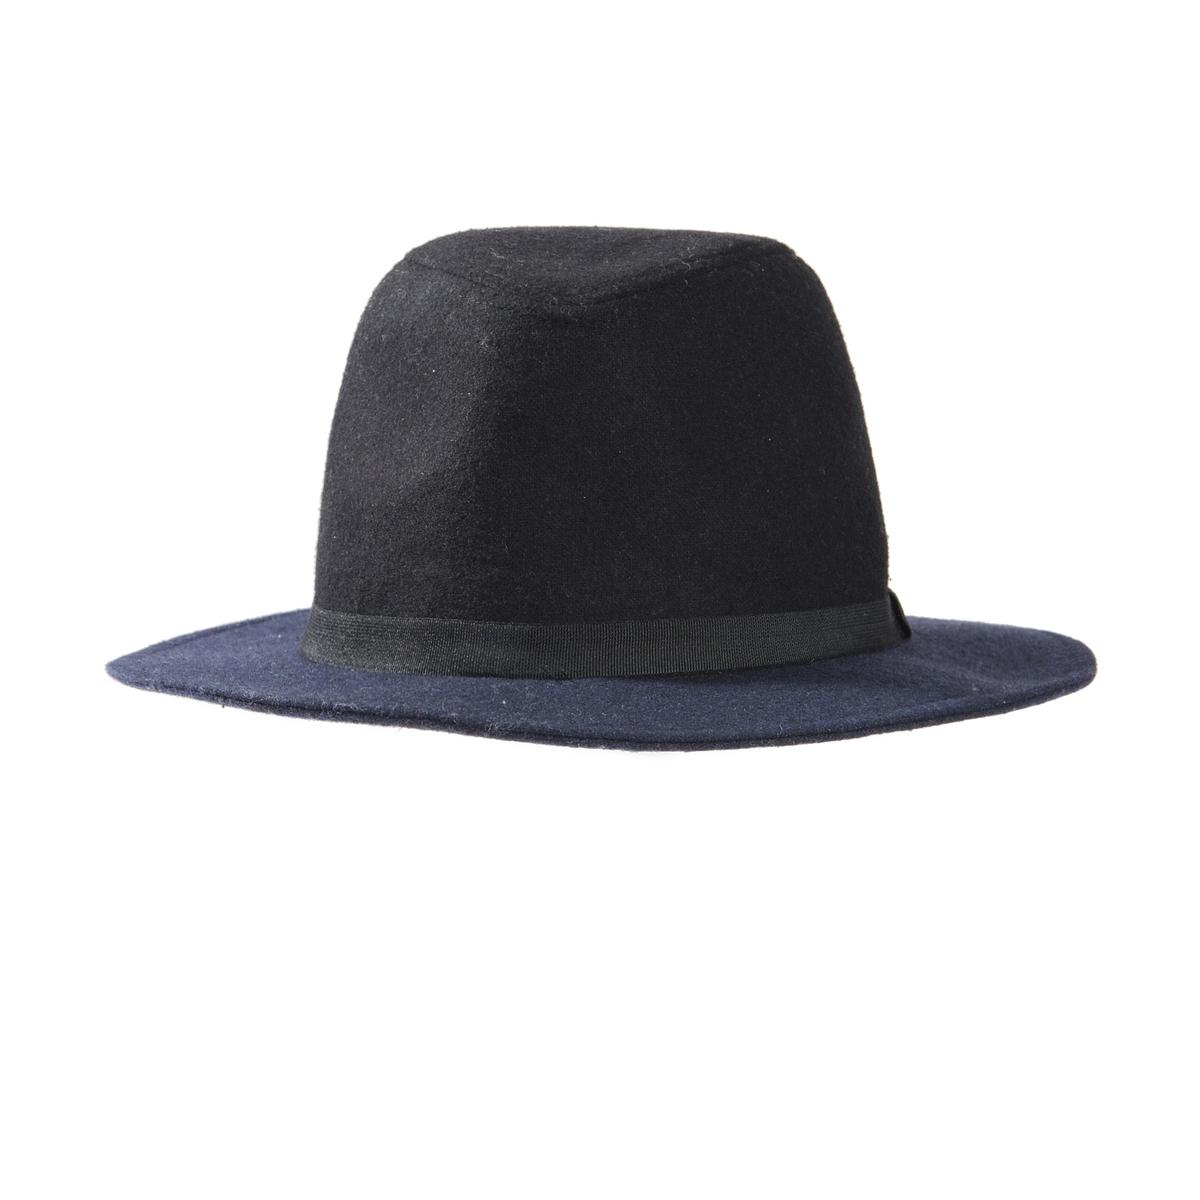 ШляпаОписание:Состав и описание :  •  Материал : фетр •  Марка :  Atelier R. Размер : единый<br><br>Цвет: черный/ синий<br>Размер: единый размер